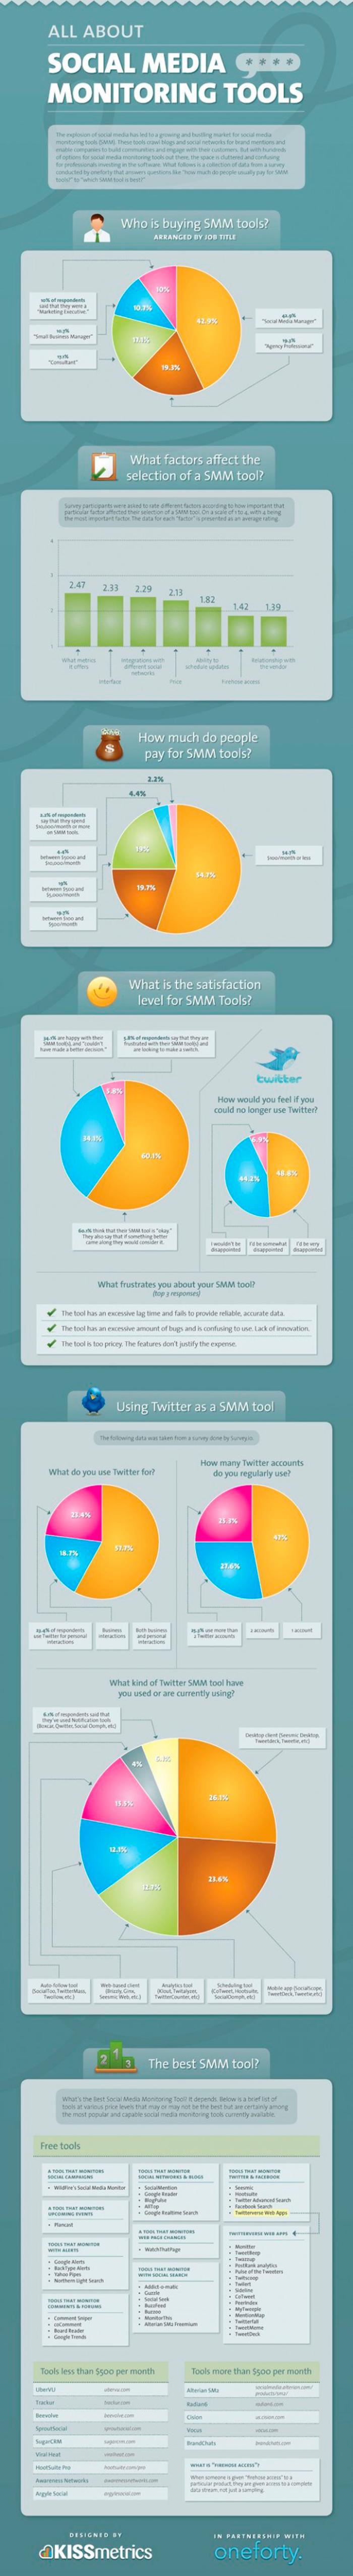 Infografia sobre las herramientas de monitoreo para vuestro social media